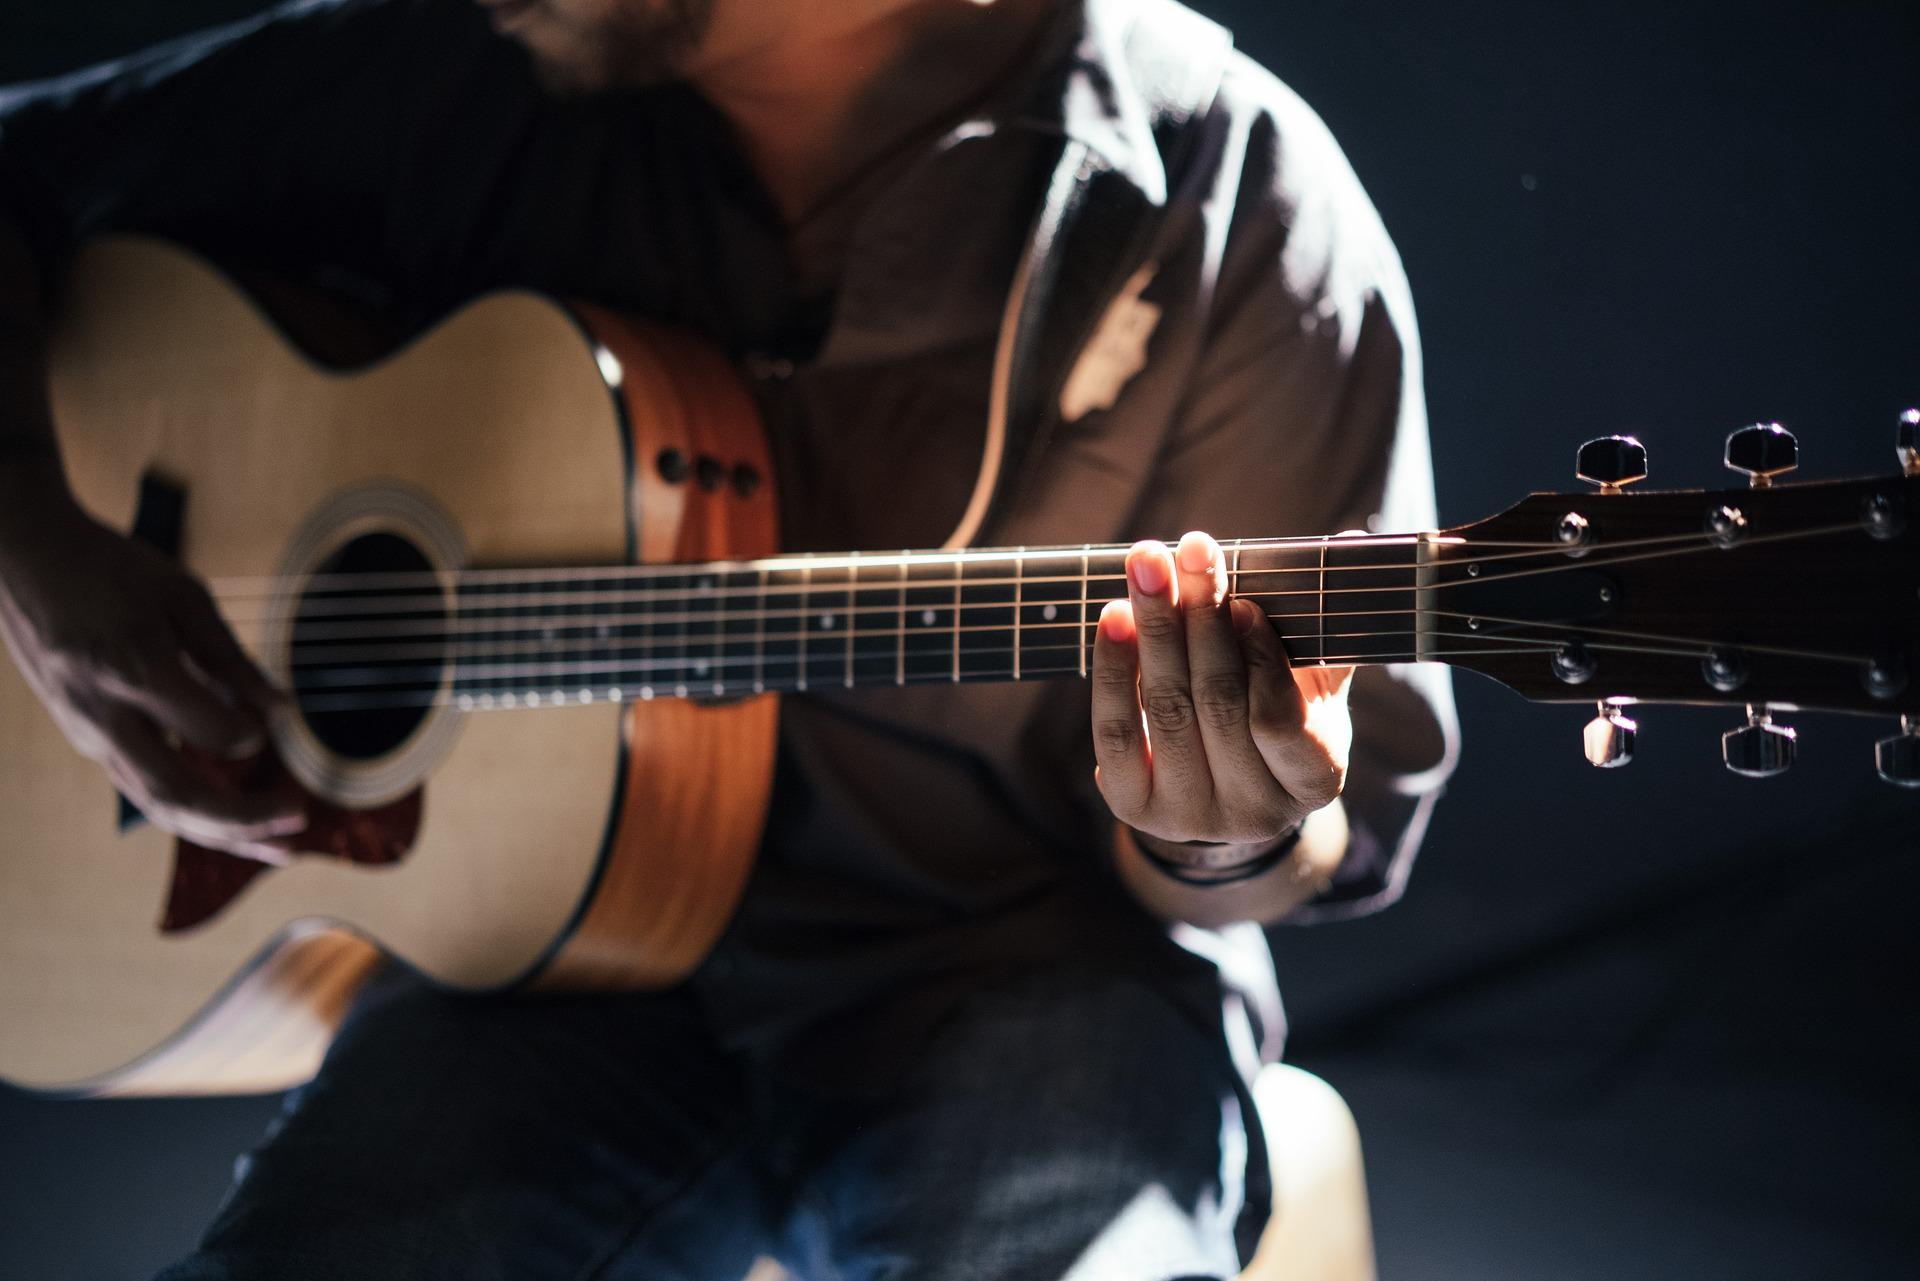 Assistente medico regala chitarra a paziente oncologico: commozione in reparto